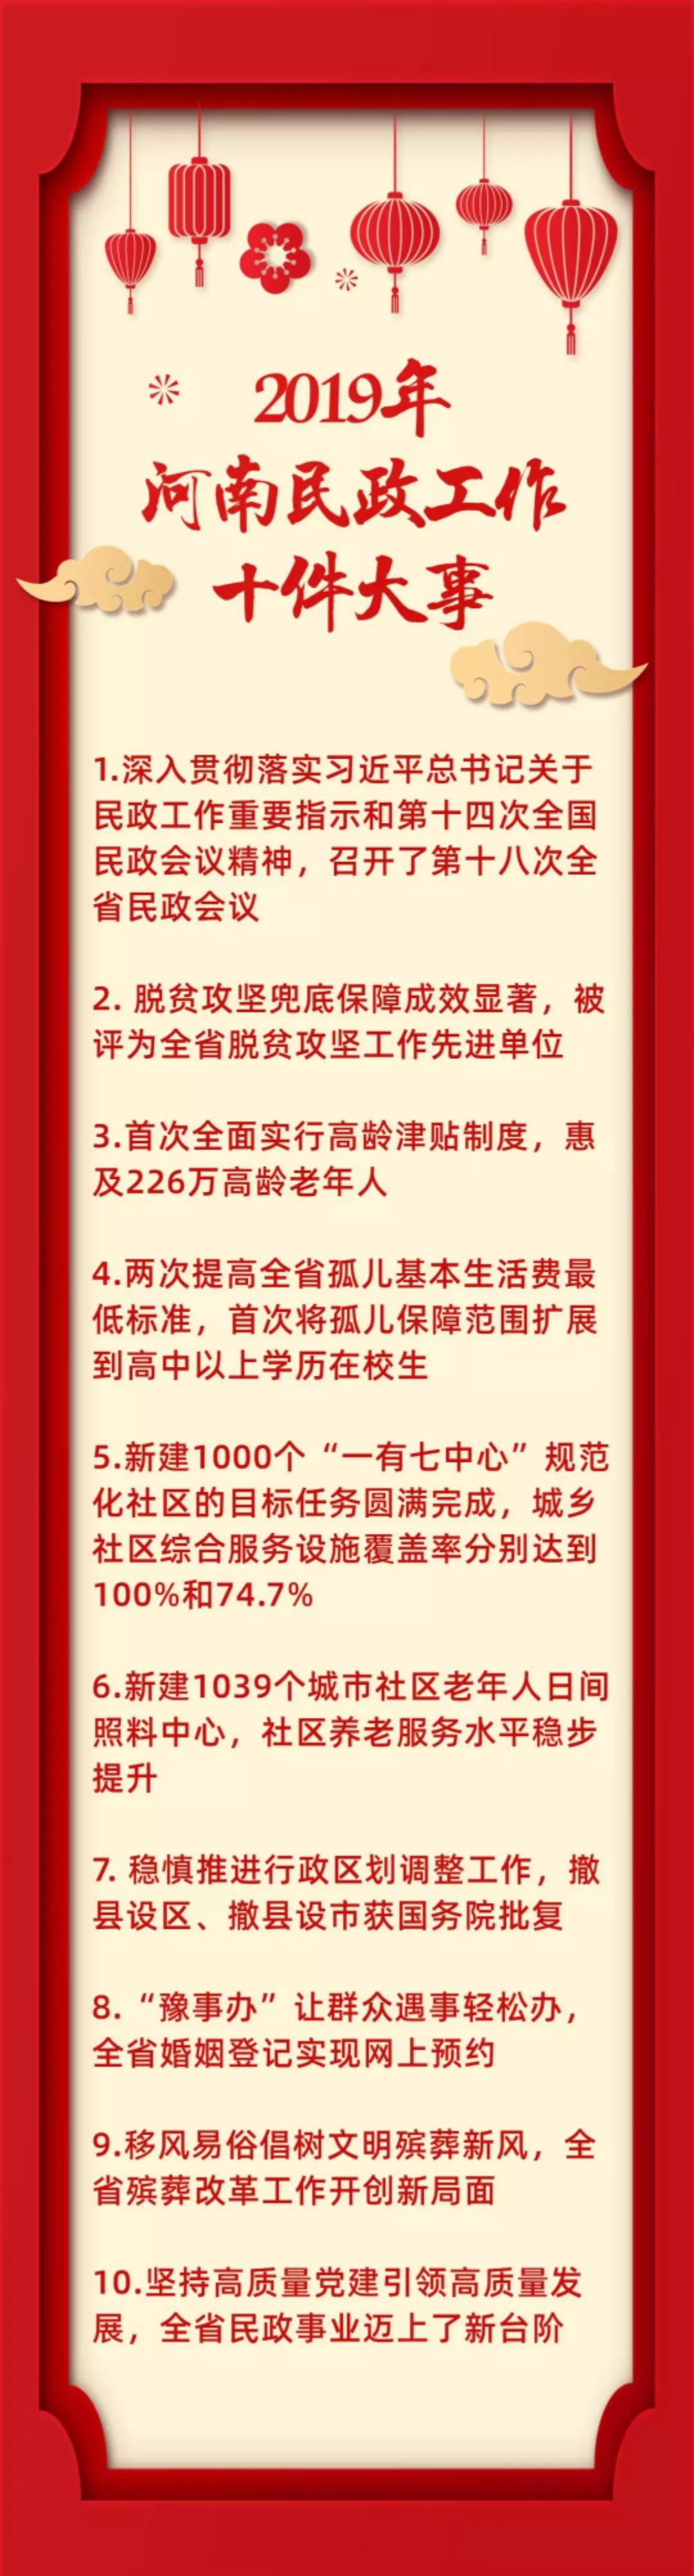 【图解】2019年河南民政工作十件大事出炉,件件硬核